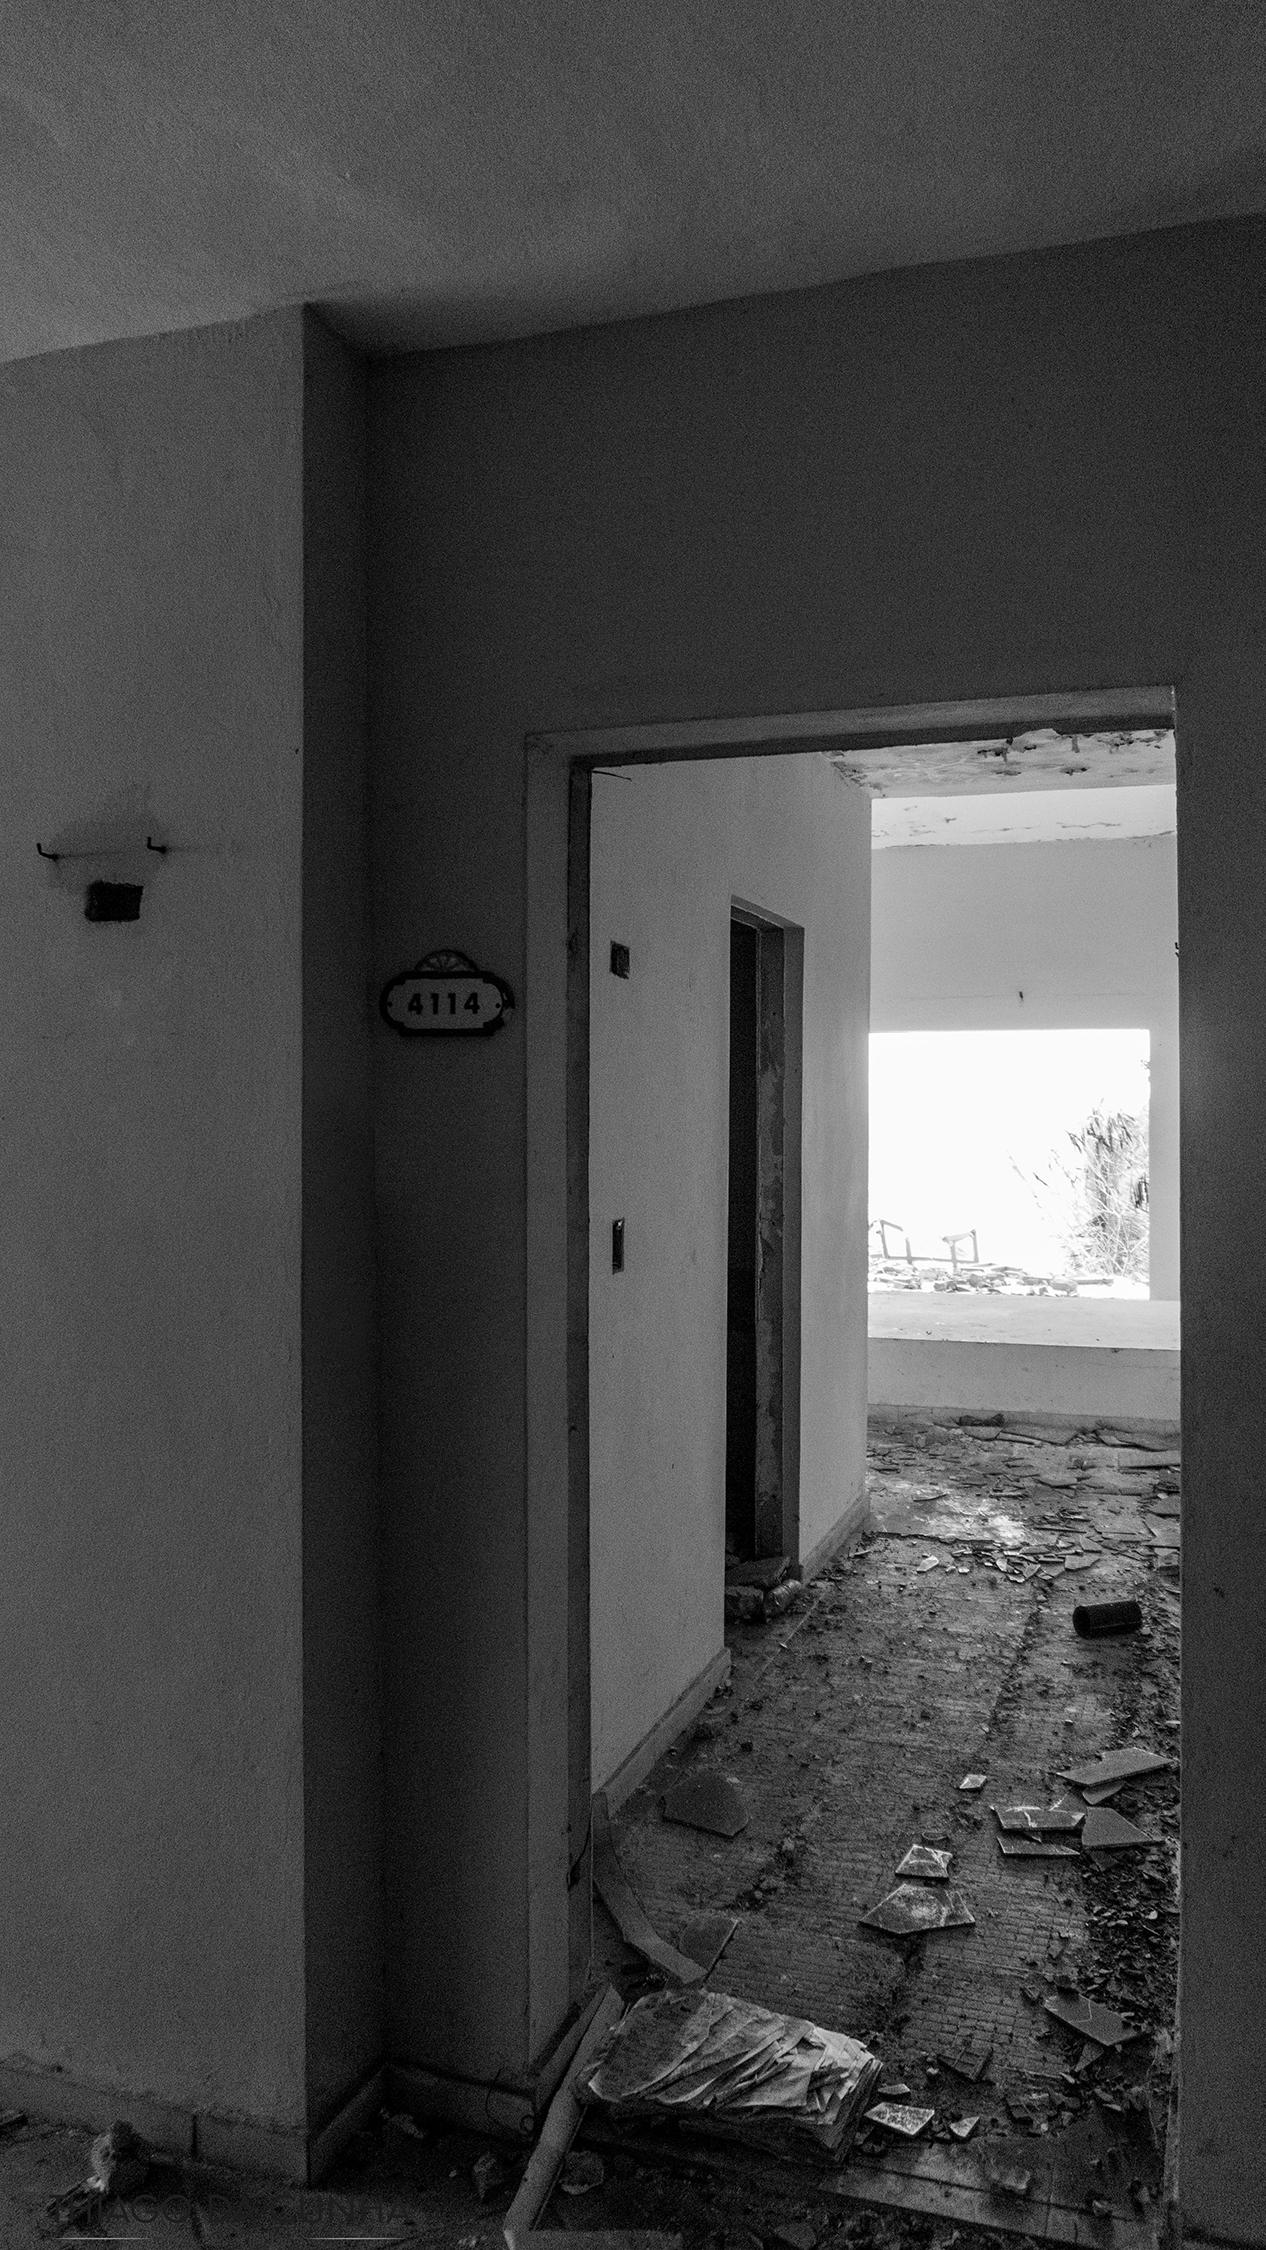 fotografia de hoteles abandonados.jpg